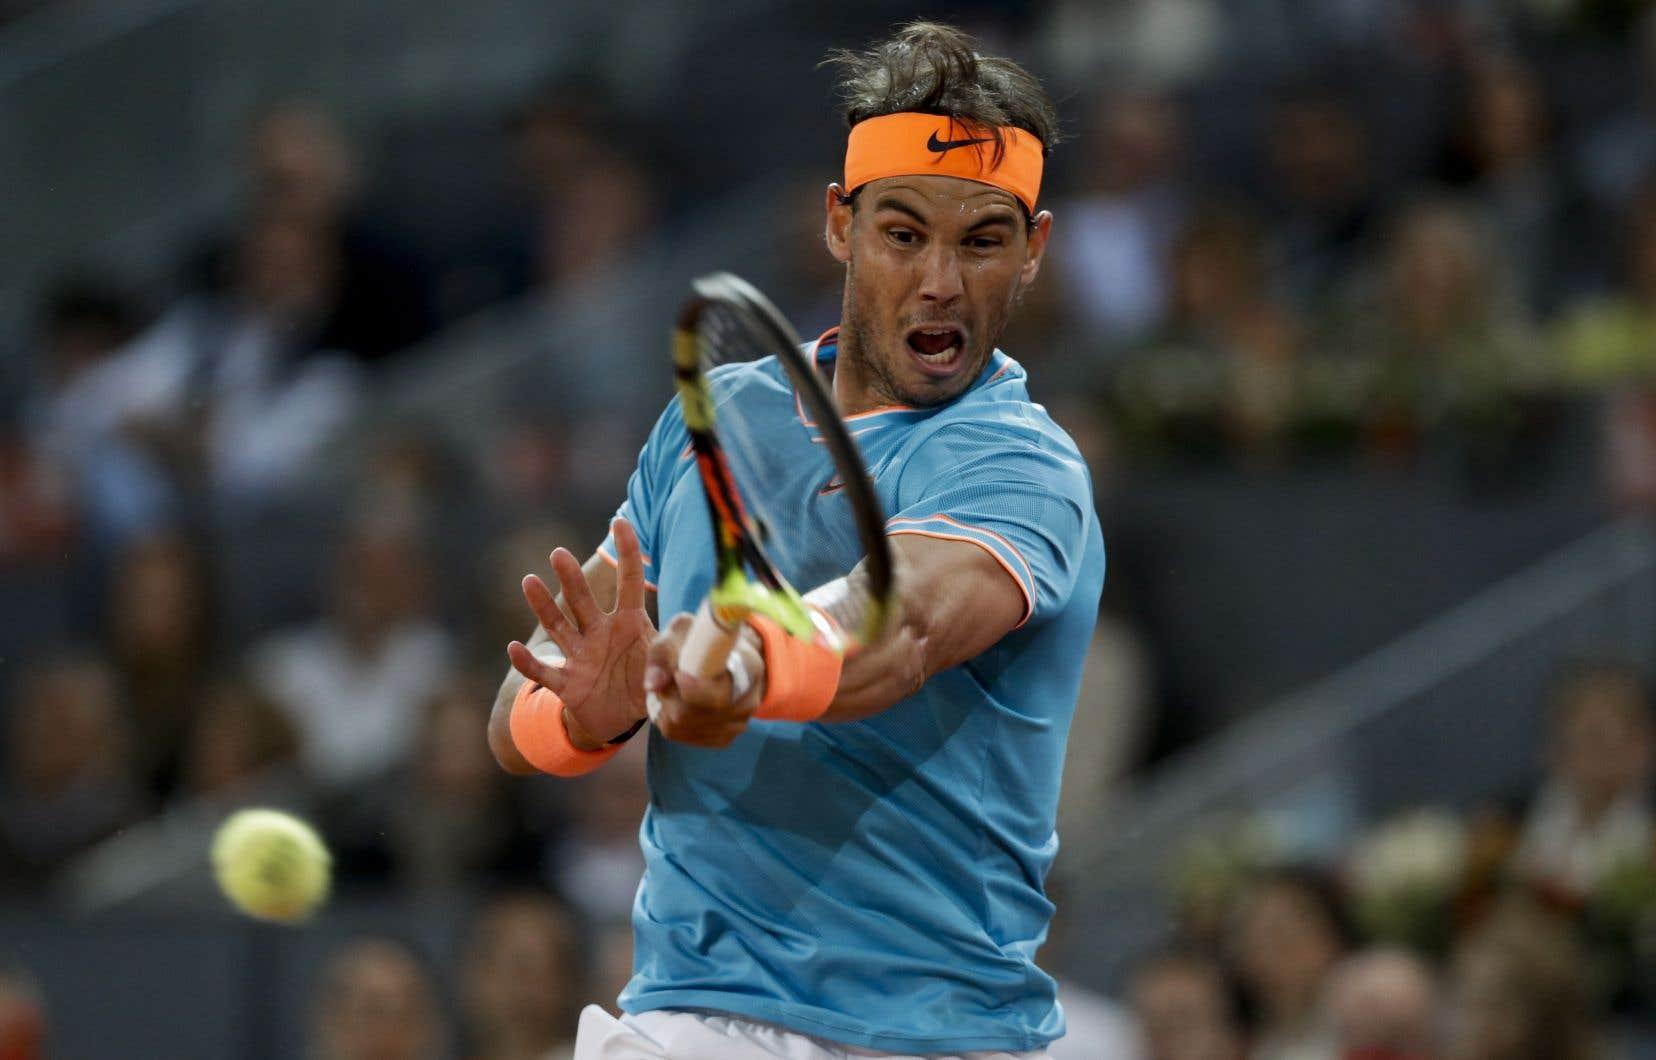 Nadal a été battu 6-4, 2-6, 6-3, samedi, lors des demi-finales de l'Omnium de Madrid.